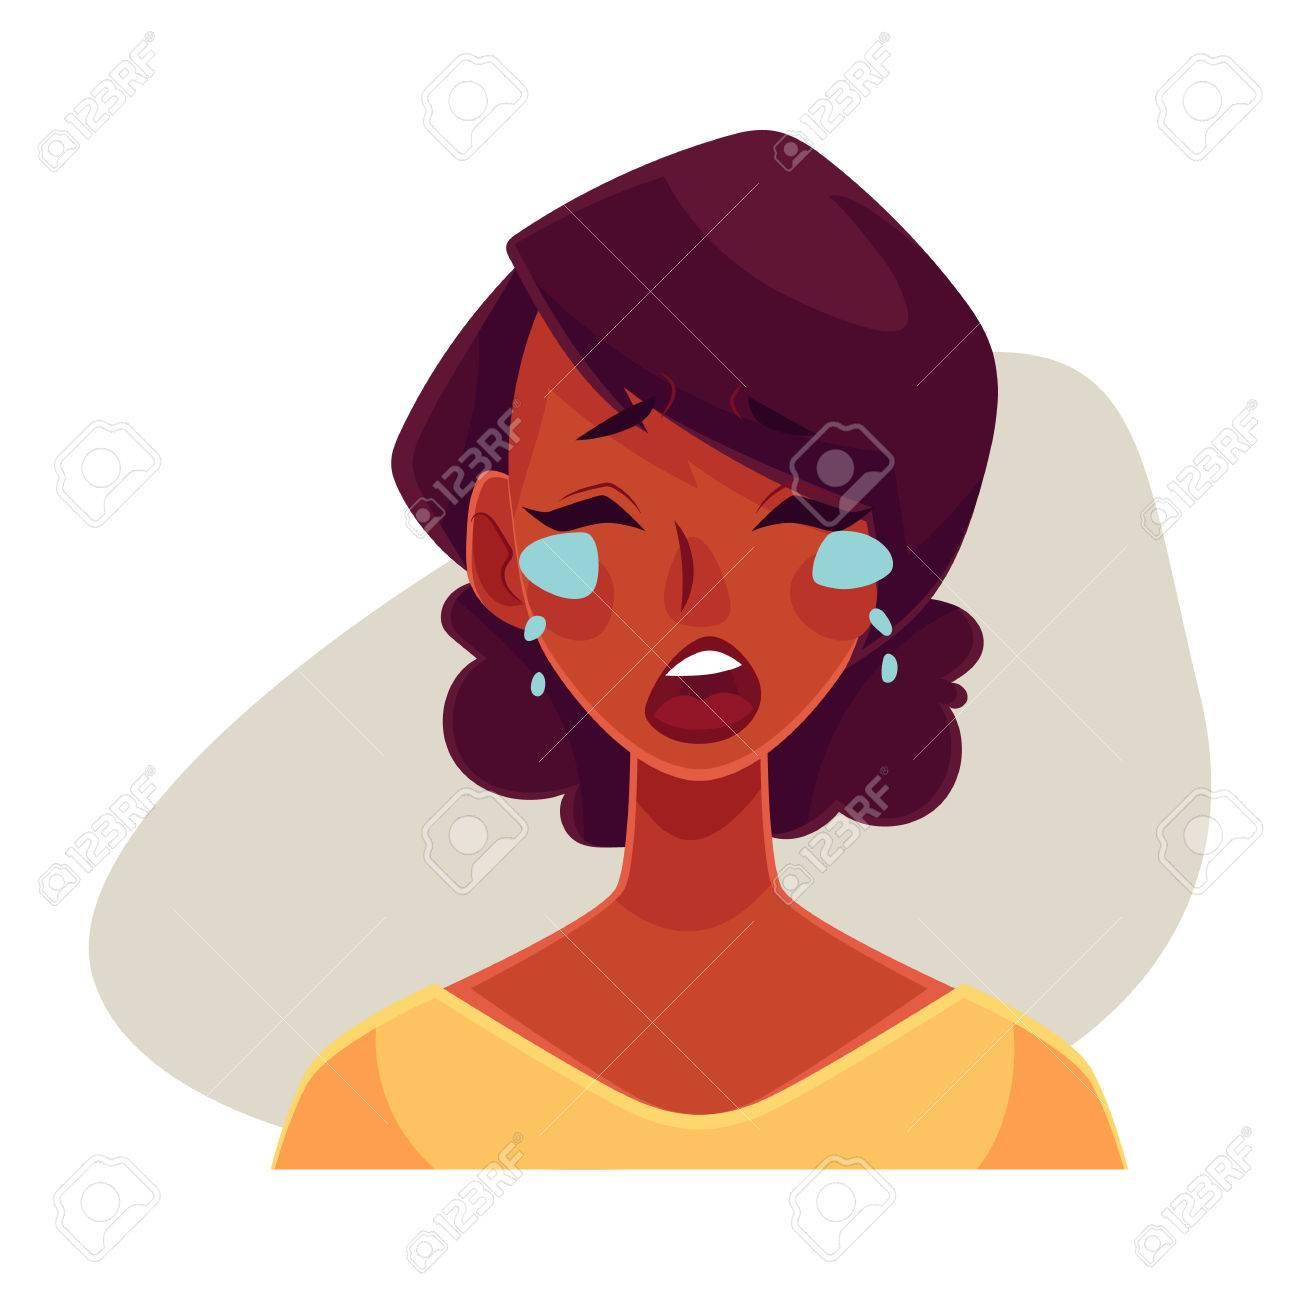 Jolie Fille Africaine Pleurer Expression Du Visage Vecteur De Dessin Animé Illustrations Isolé Sur Fond Gris Femme Noire Pleurer Verser Des